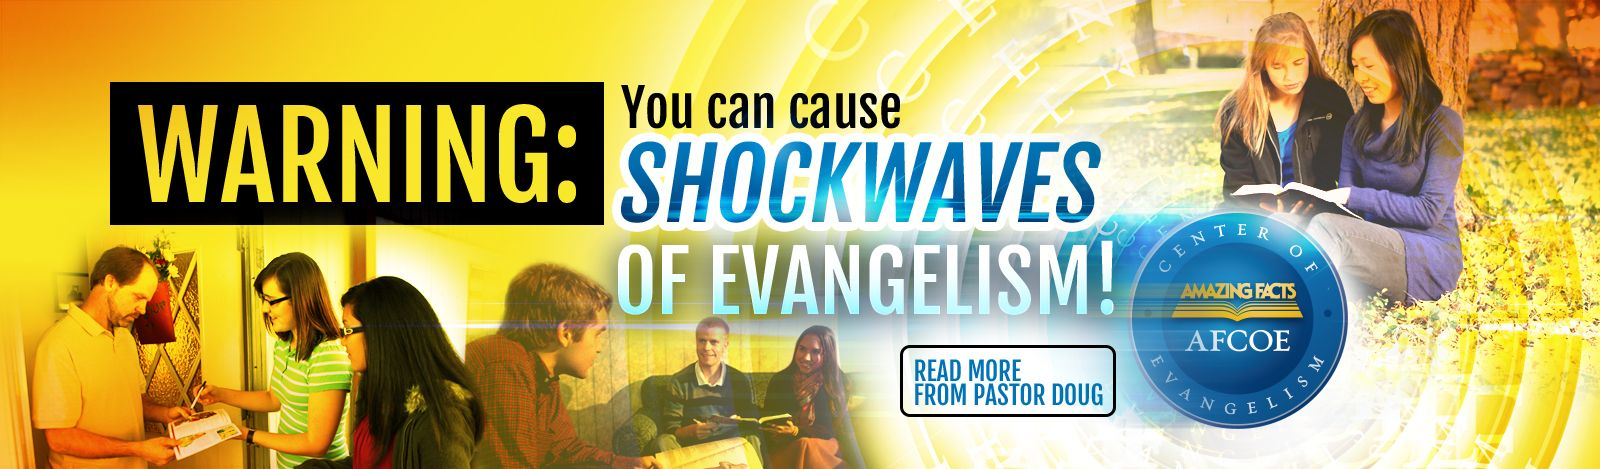 Shockwaves of Evangelism!